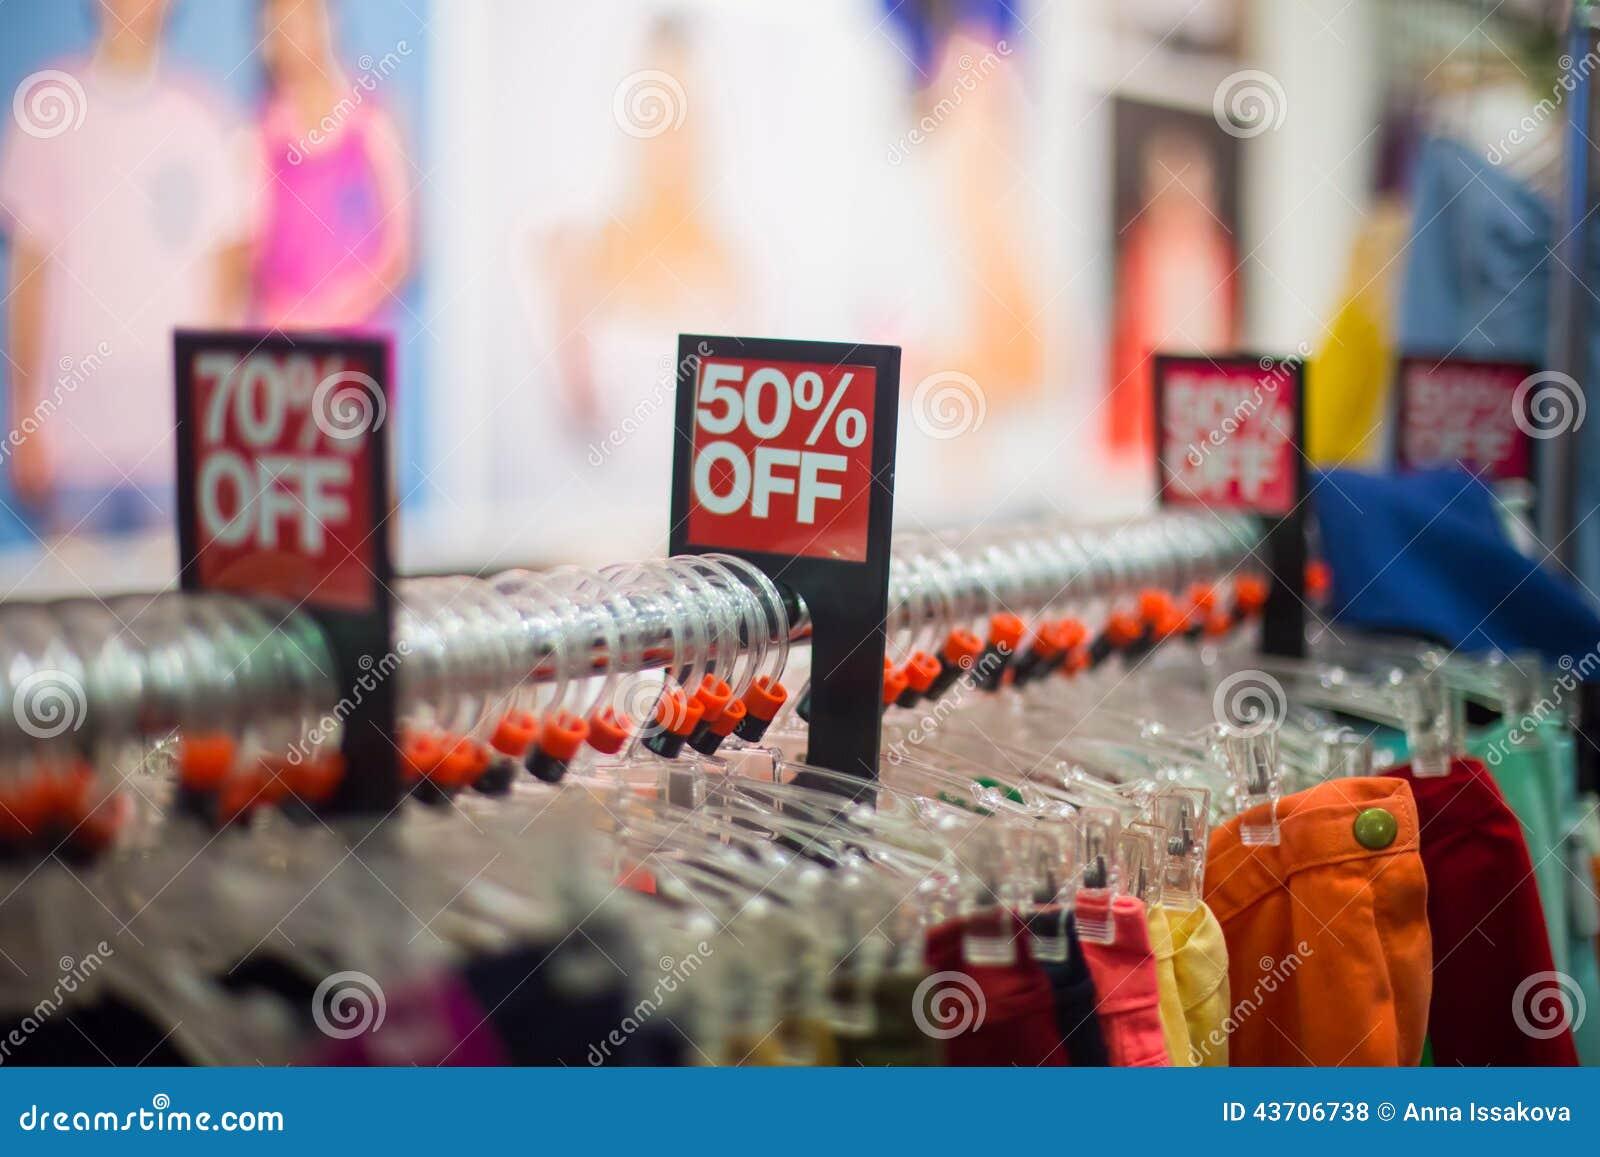 c&a sale online shop